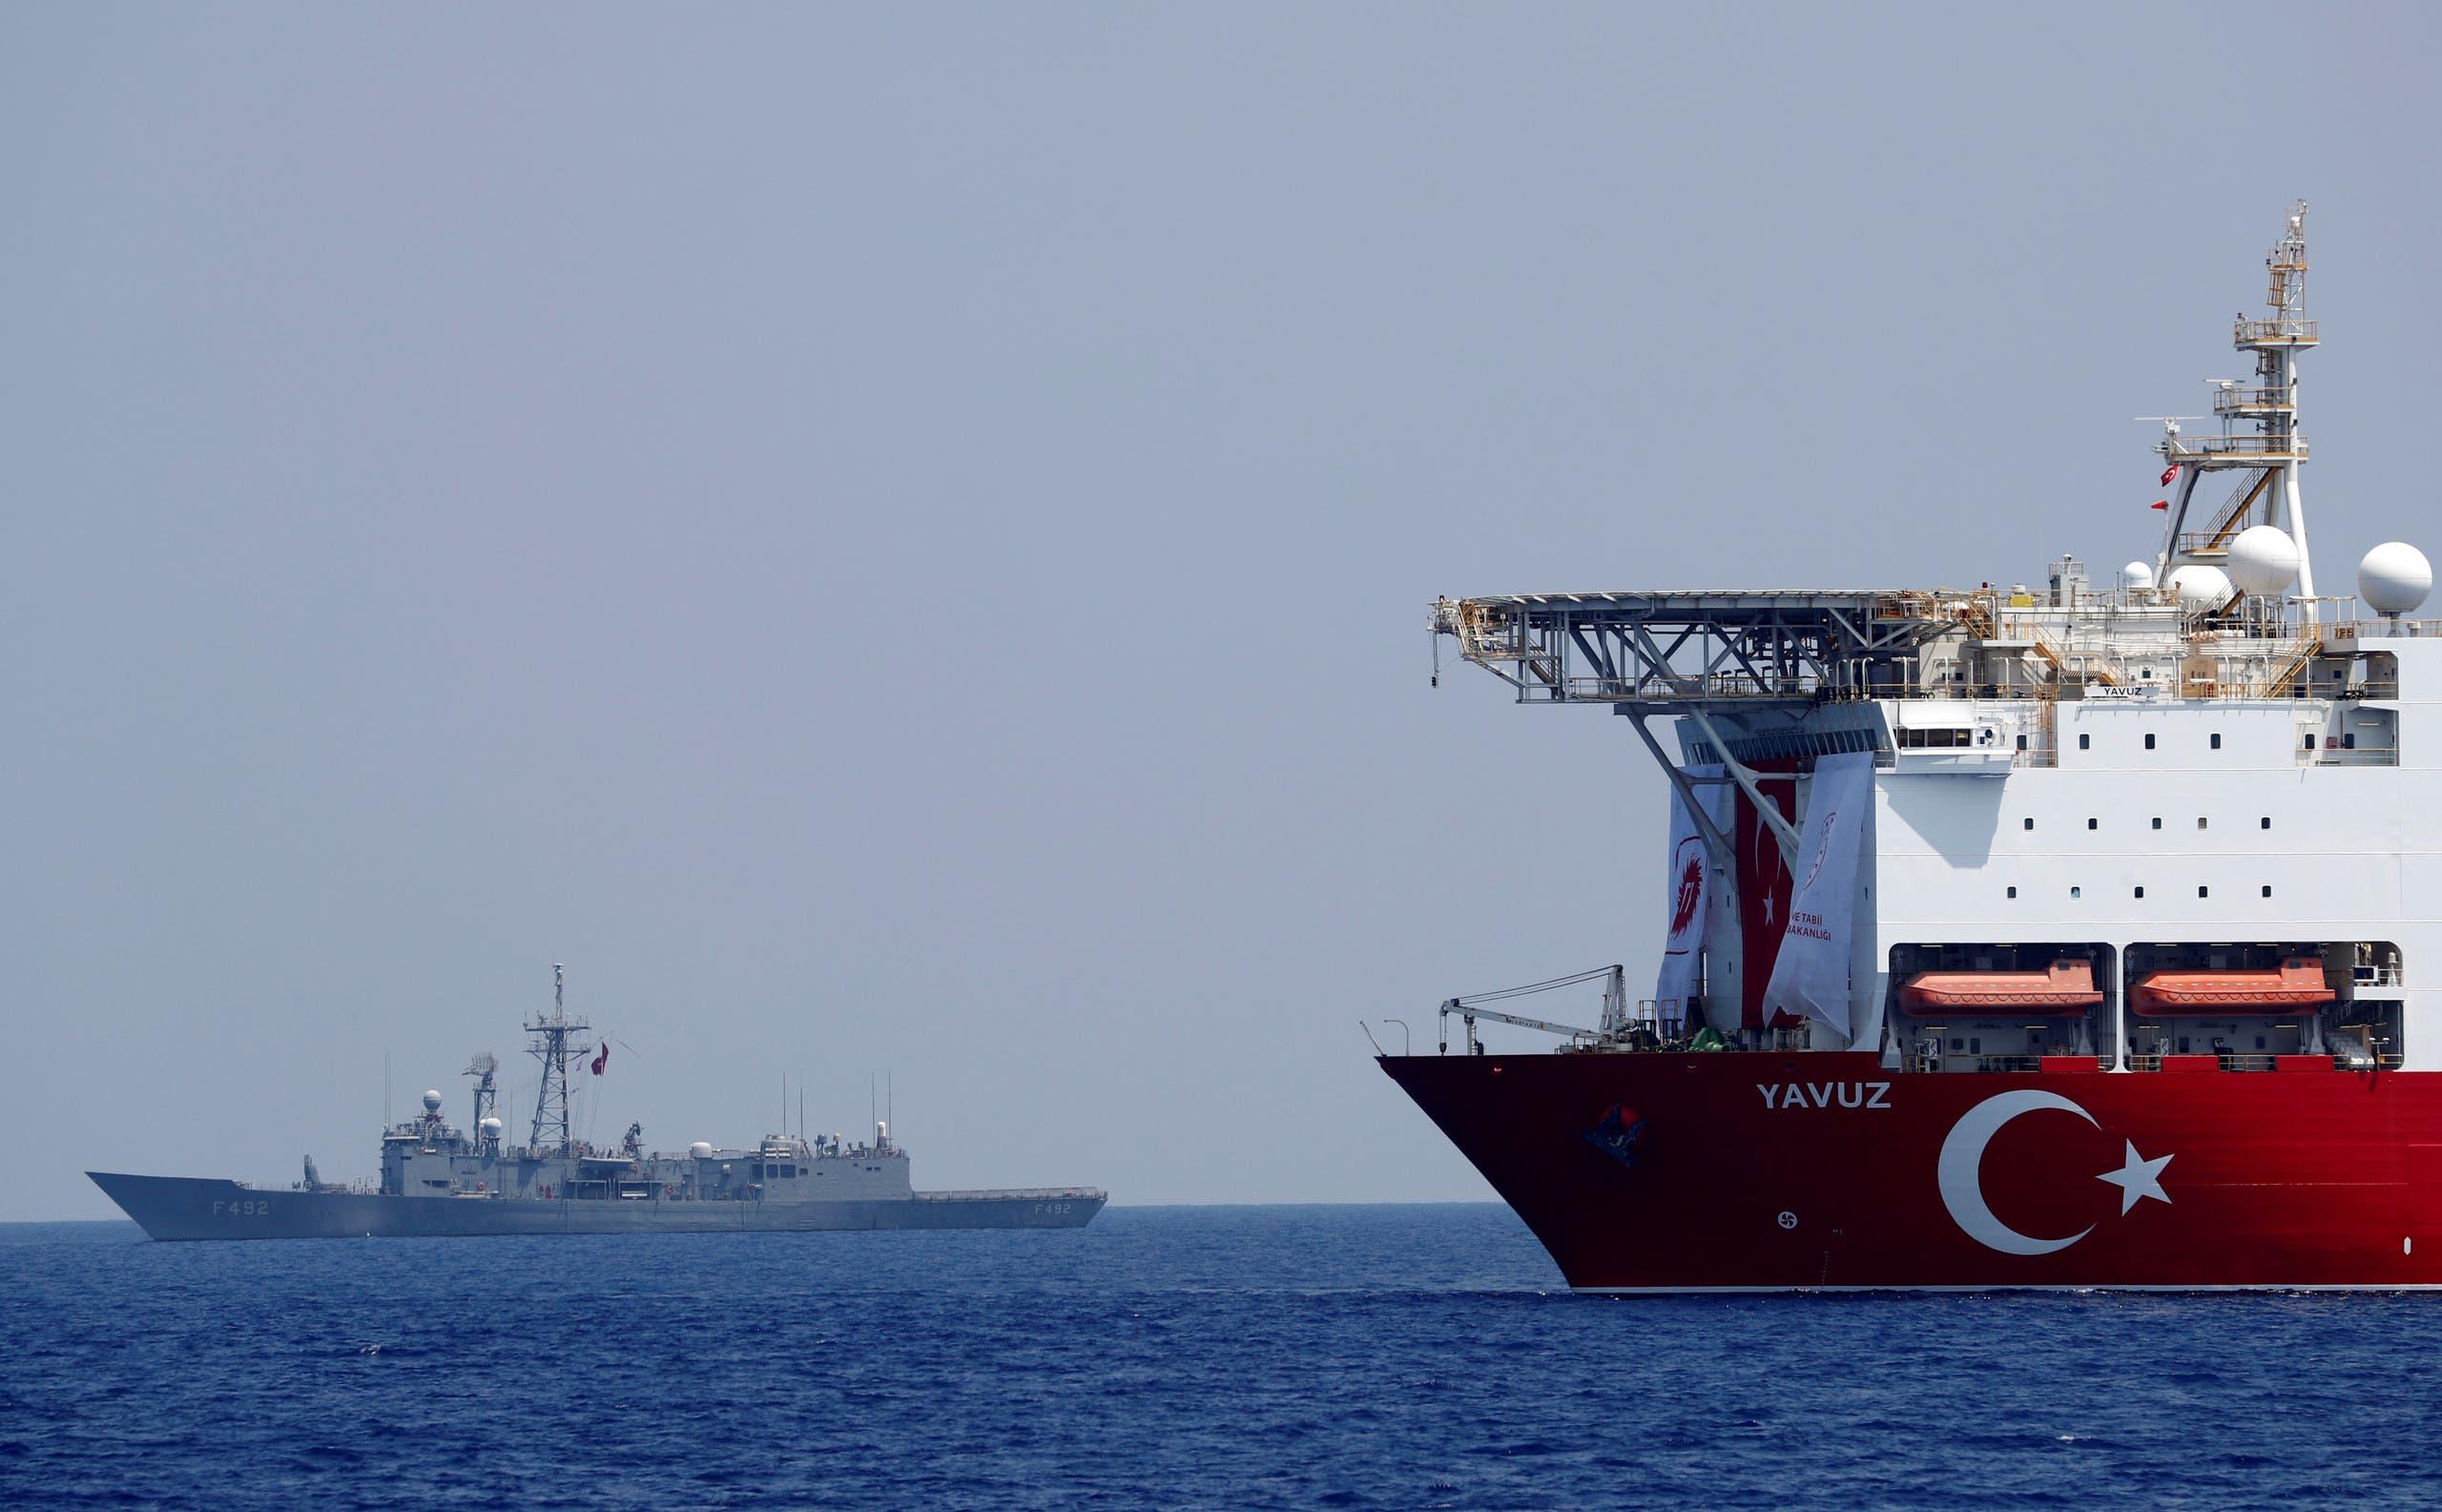 سفينة تنقيب تركية في شرق المتوسط قبالة قبرص (أرشيفية)